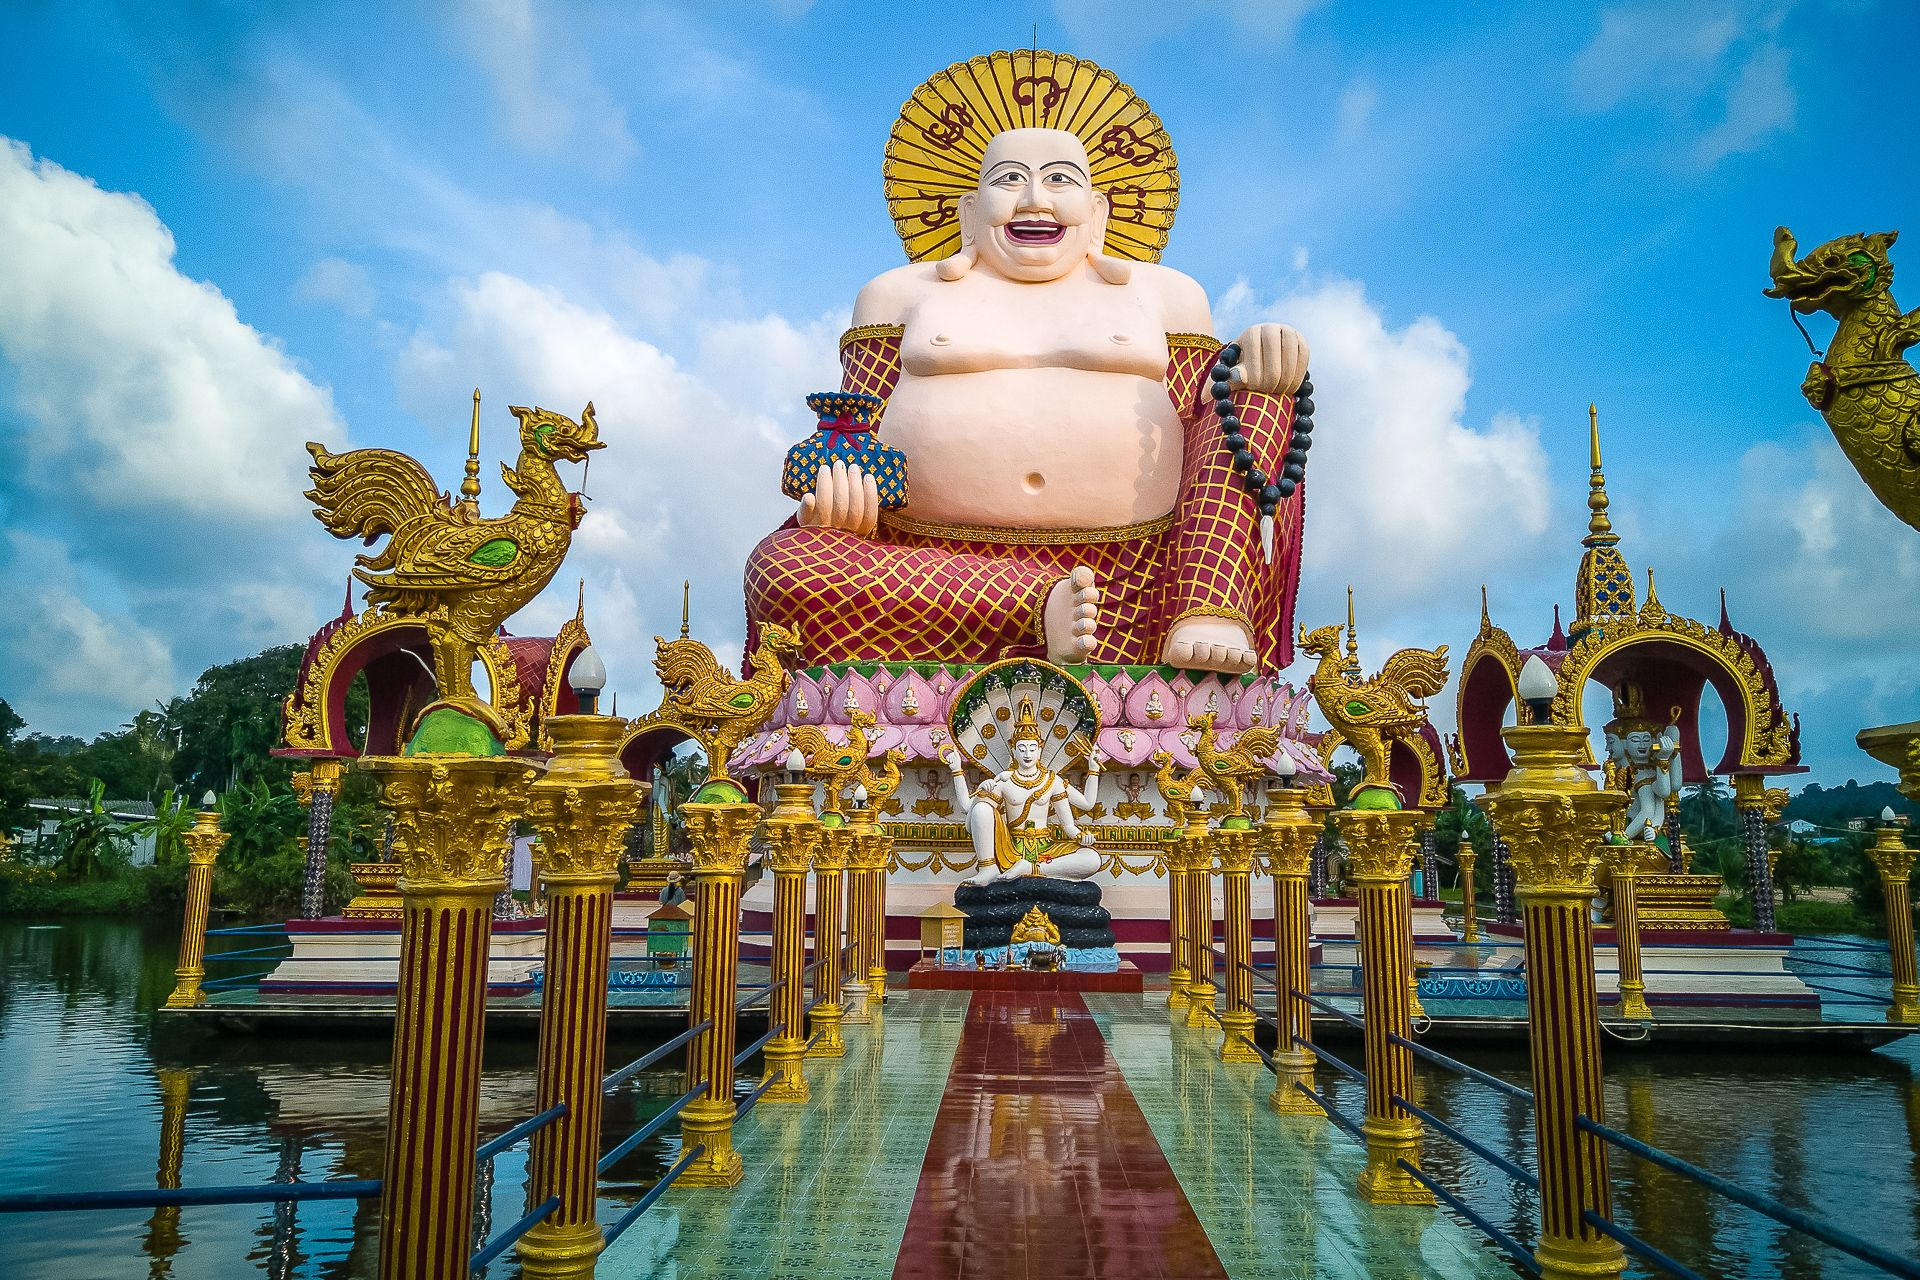 Wat Plai Laem, Ват Плай Лаем, Ват Плай Лем, храм, Самуи, буддизм, достопримечательность, Хоттэй, Гуань Инь